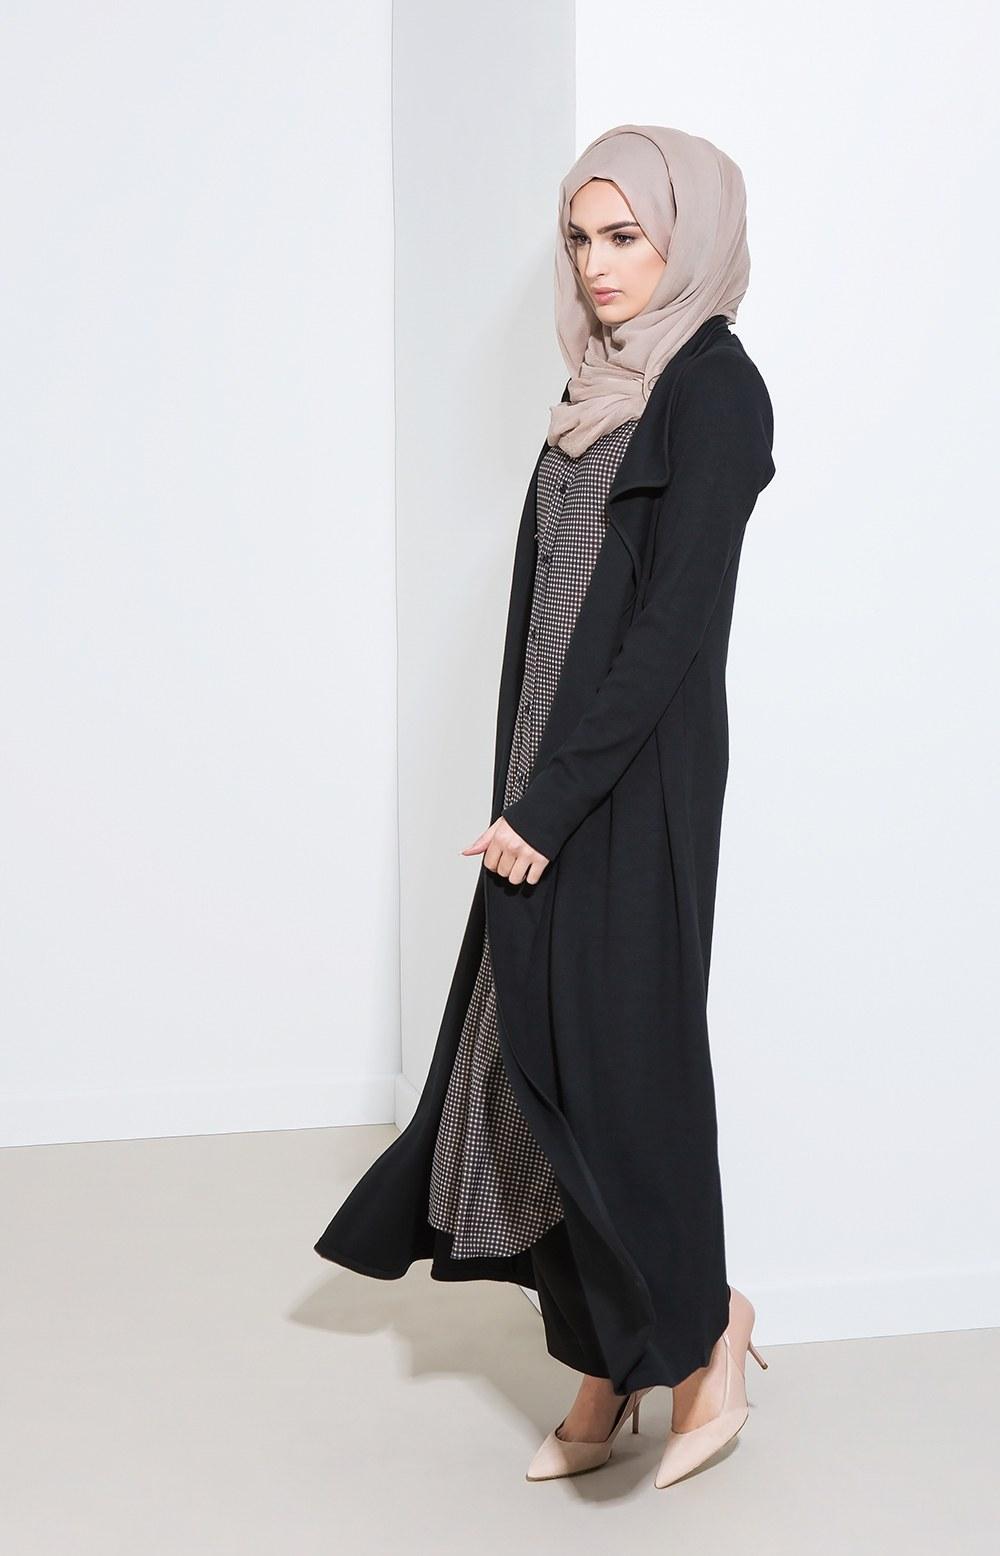 Design Model Baju Lebaran Sekarang D0dg 25 Trend Model Baju Muslim Lebaran 2018 Simple & Modis